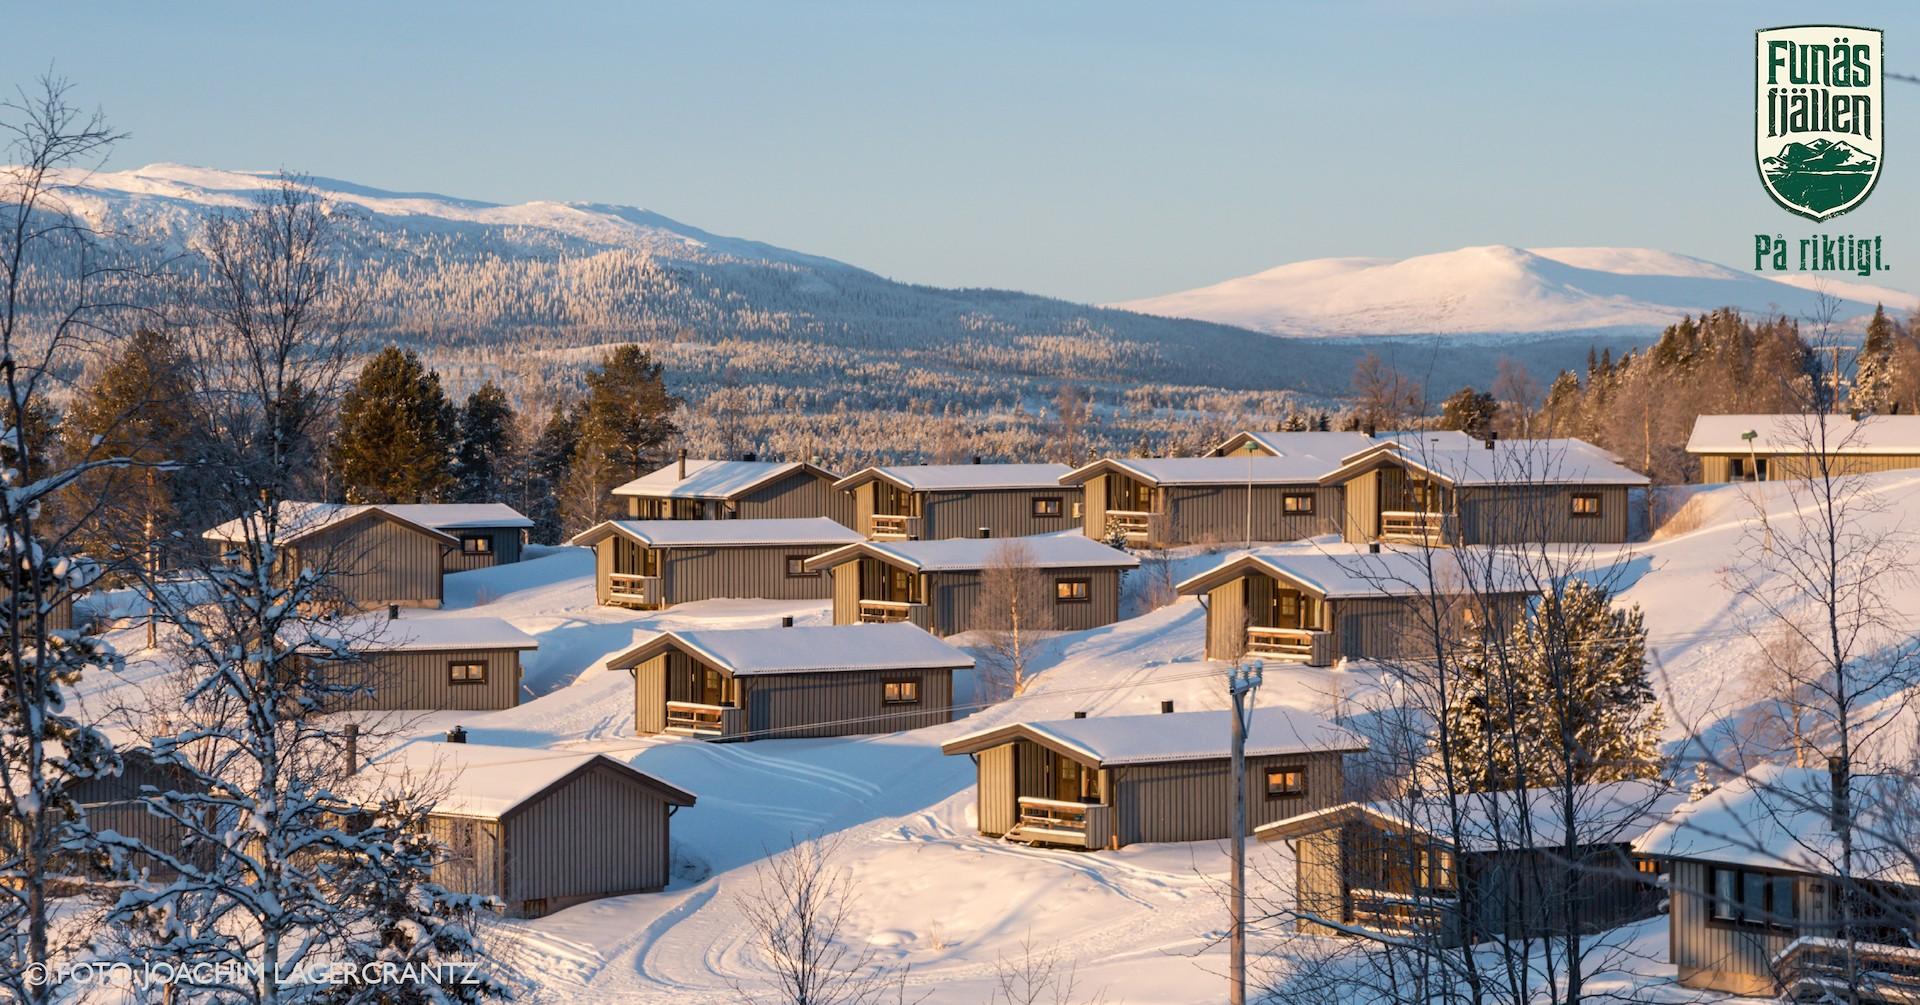 Vinter i Fjällbyn. Foto Joachim Lagercrantz